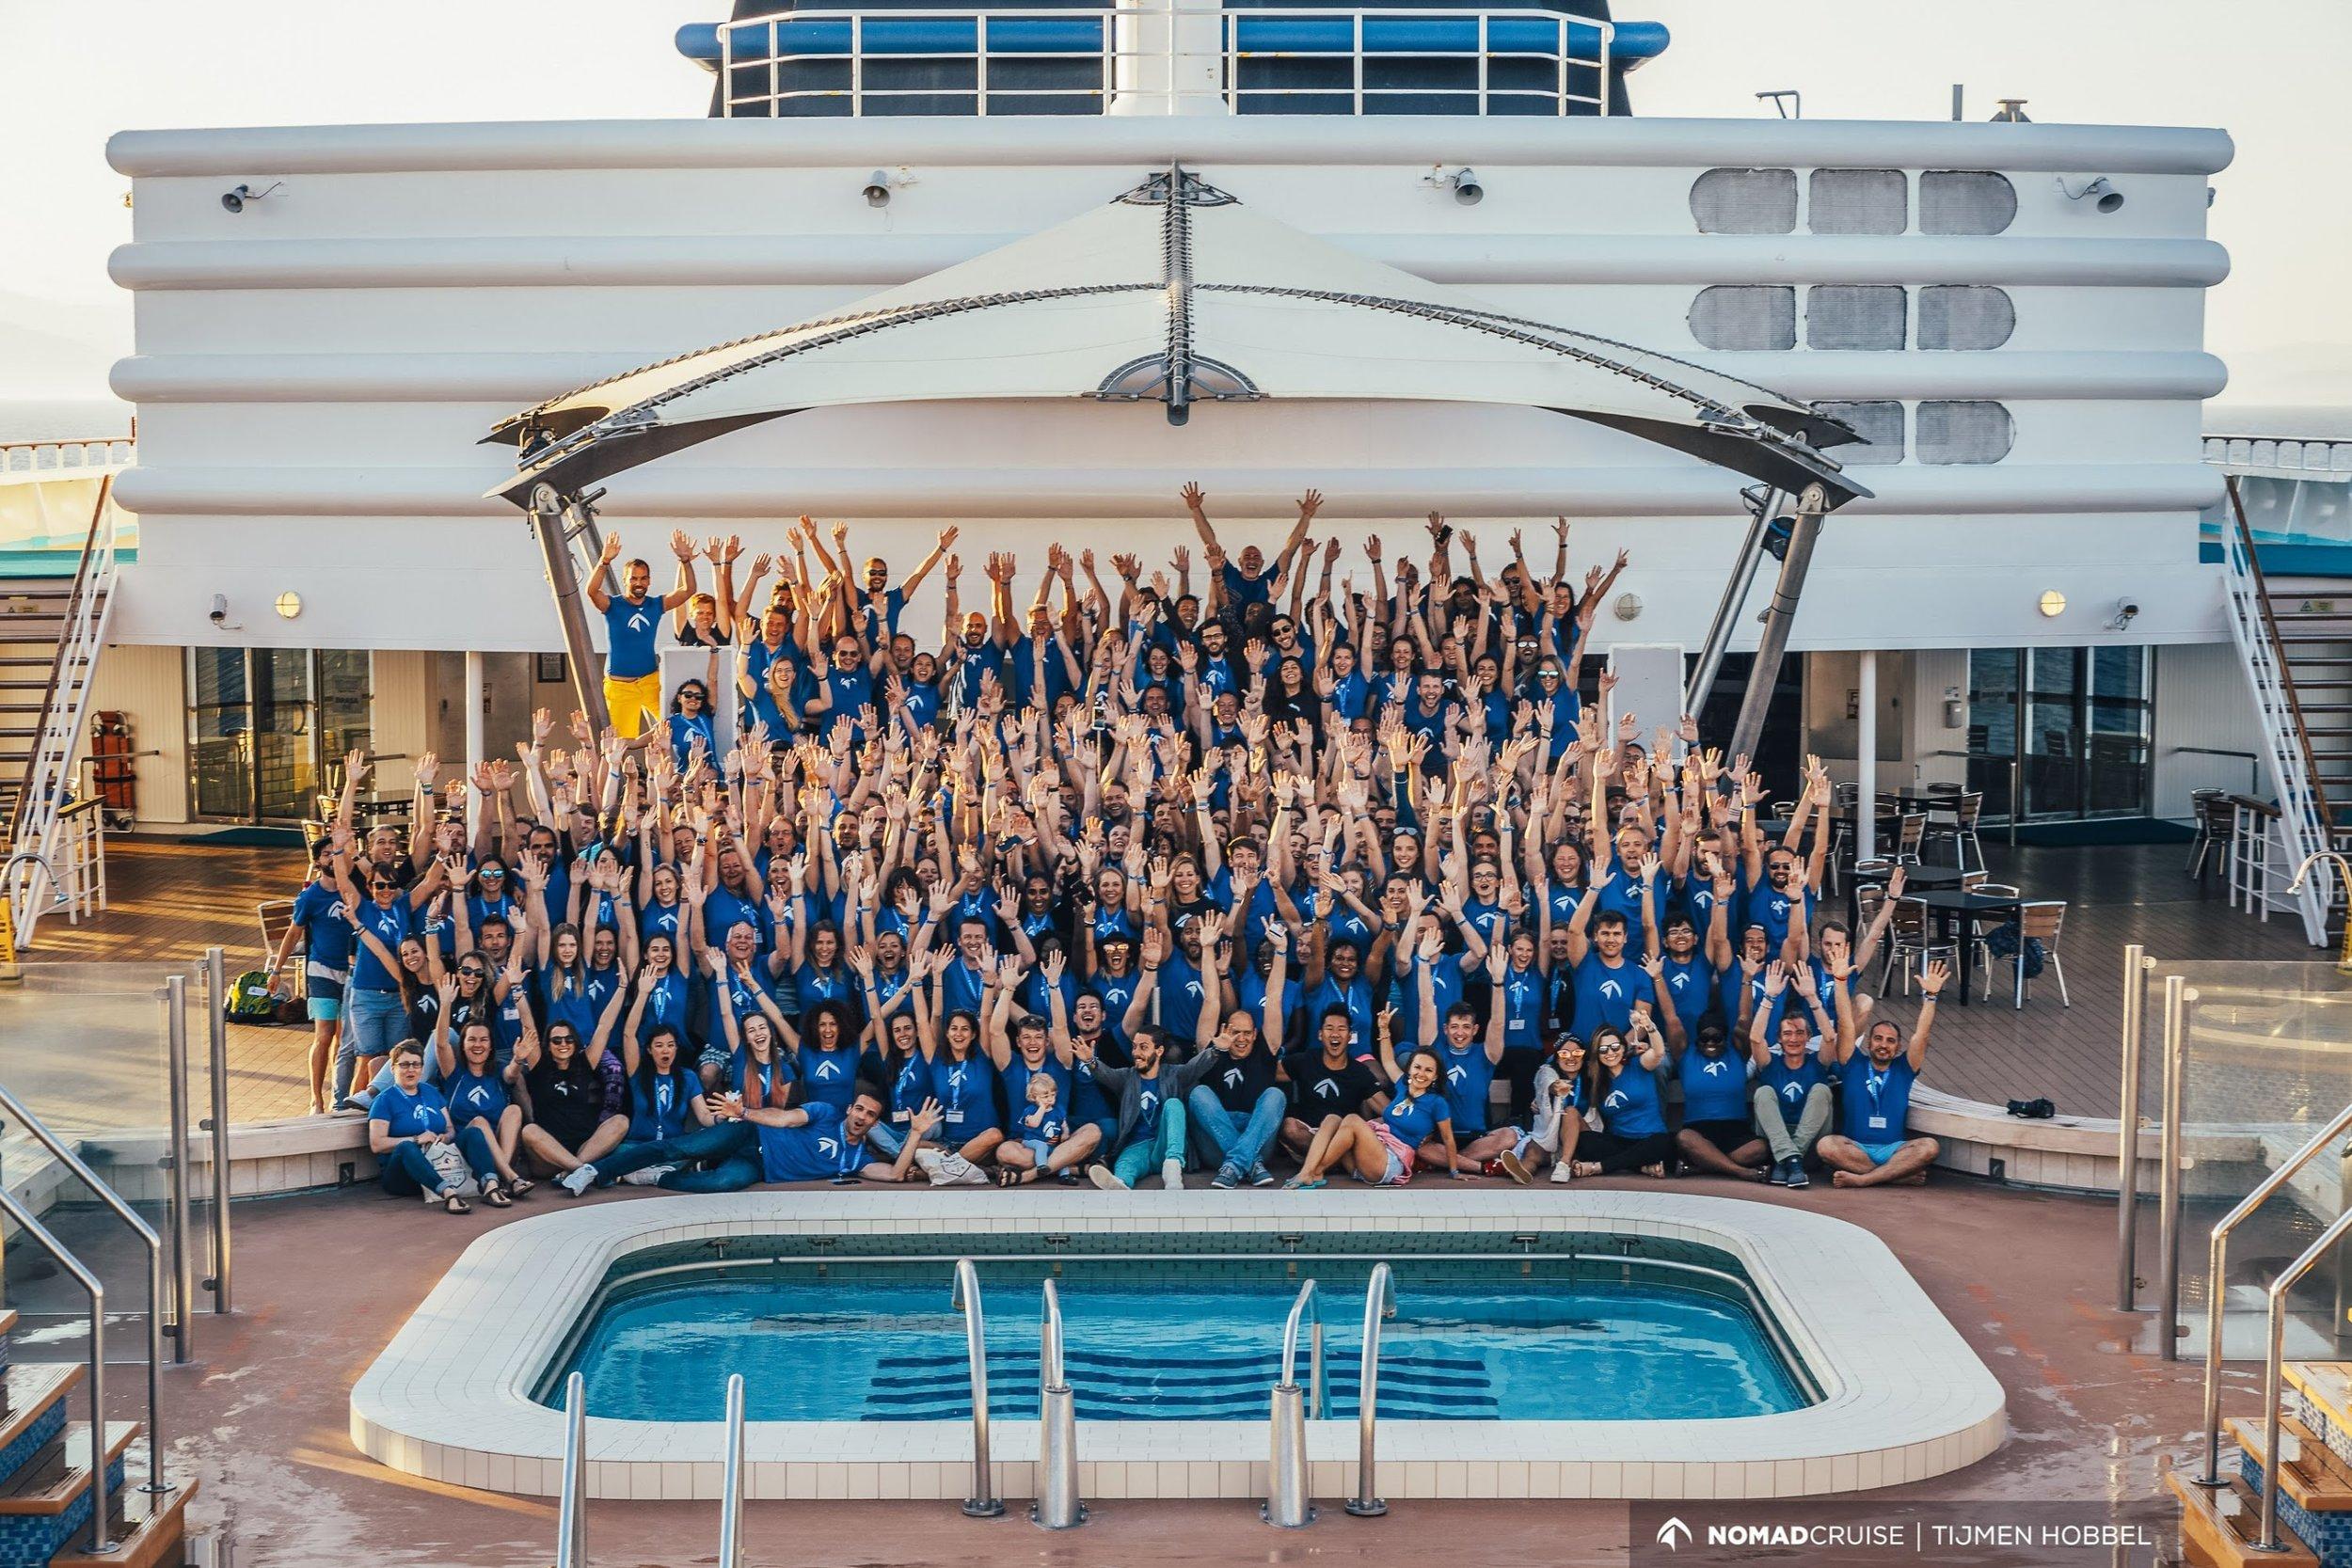 Nomad Cruise 6 Group Photo